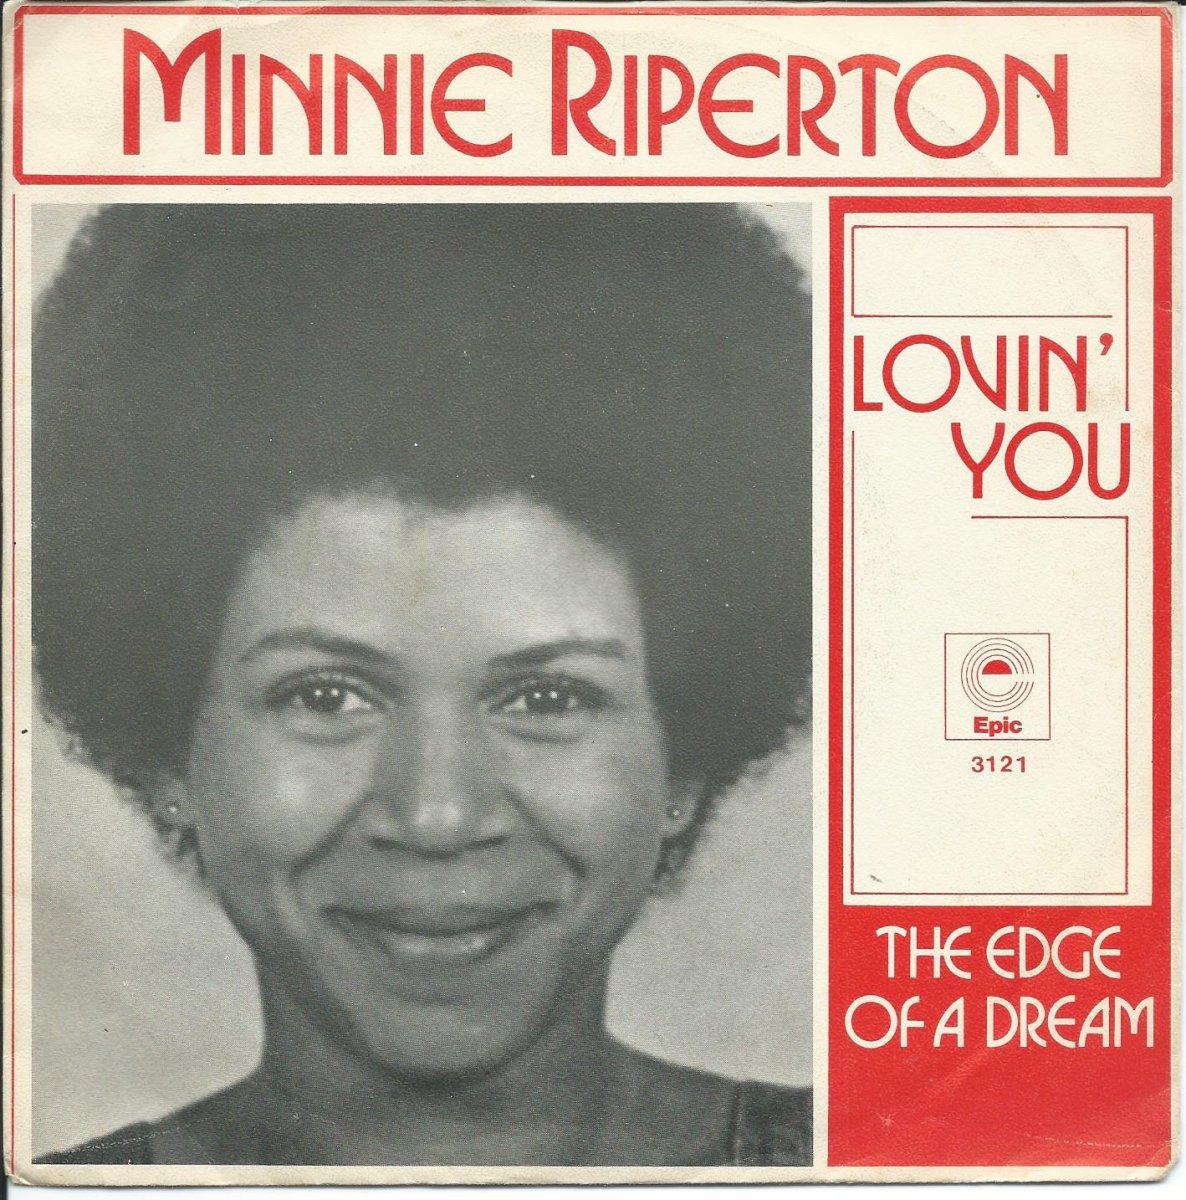 MINNIE RIPERTON / LOVIN' YOU / THE EDGE OF A DREAM (7